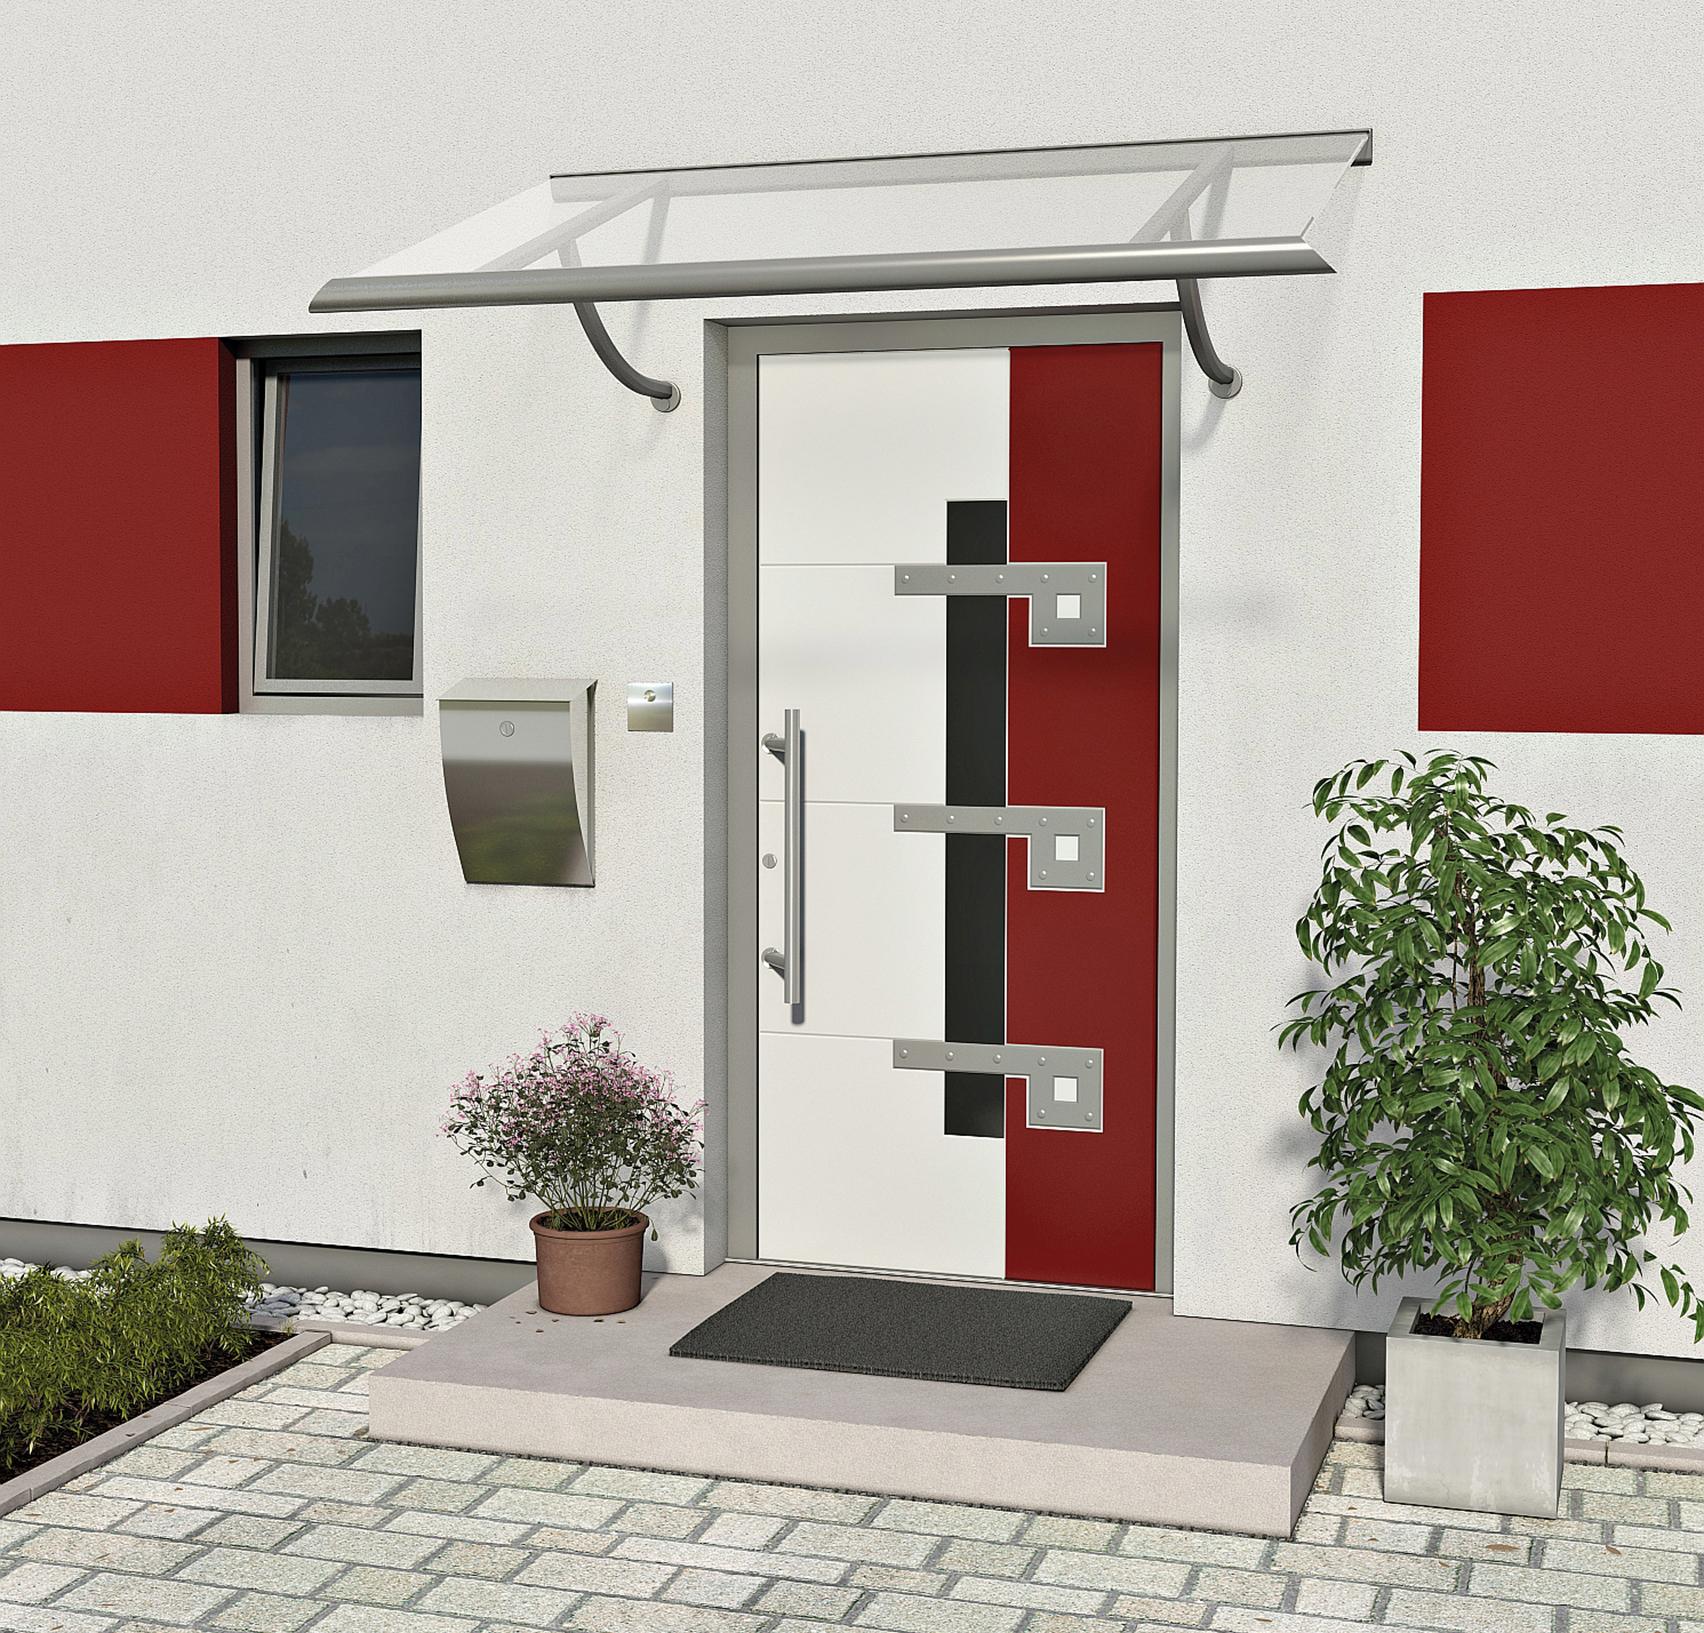 das passende vordach zur haust r gibt es hier. Black Bedroom Furniture Sets. Home Design Ideas